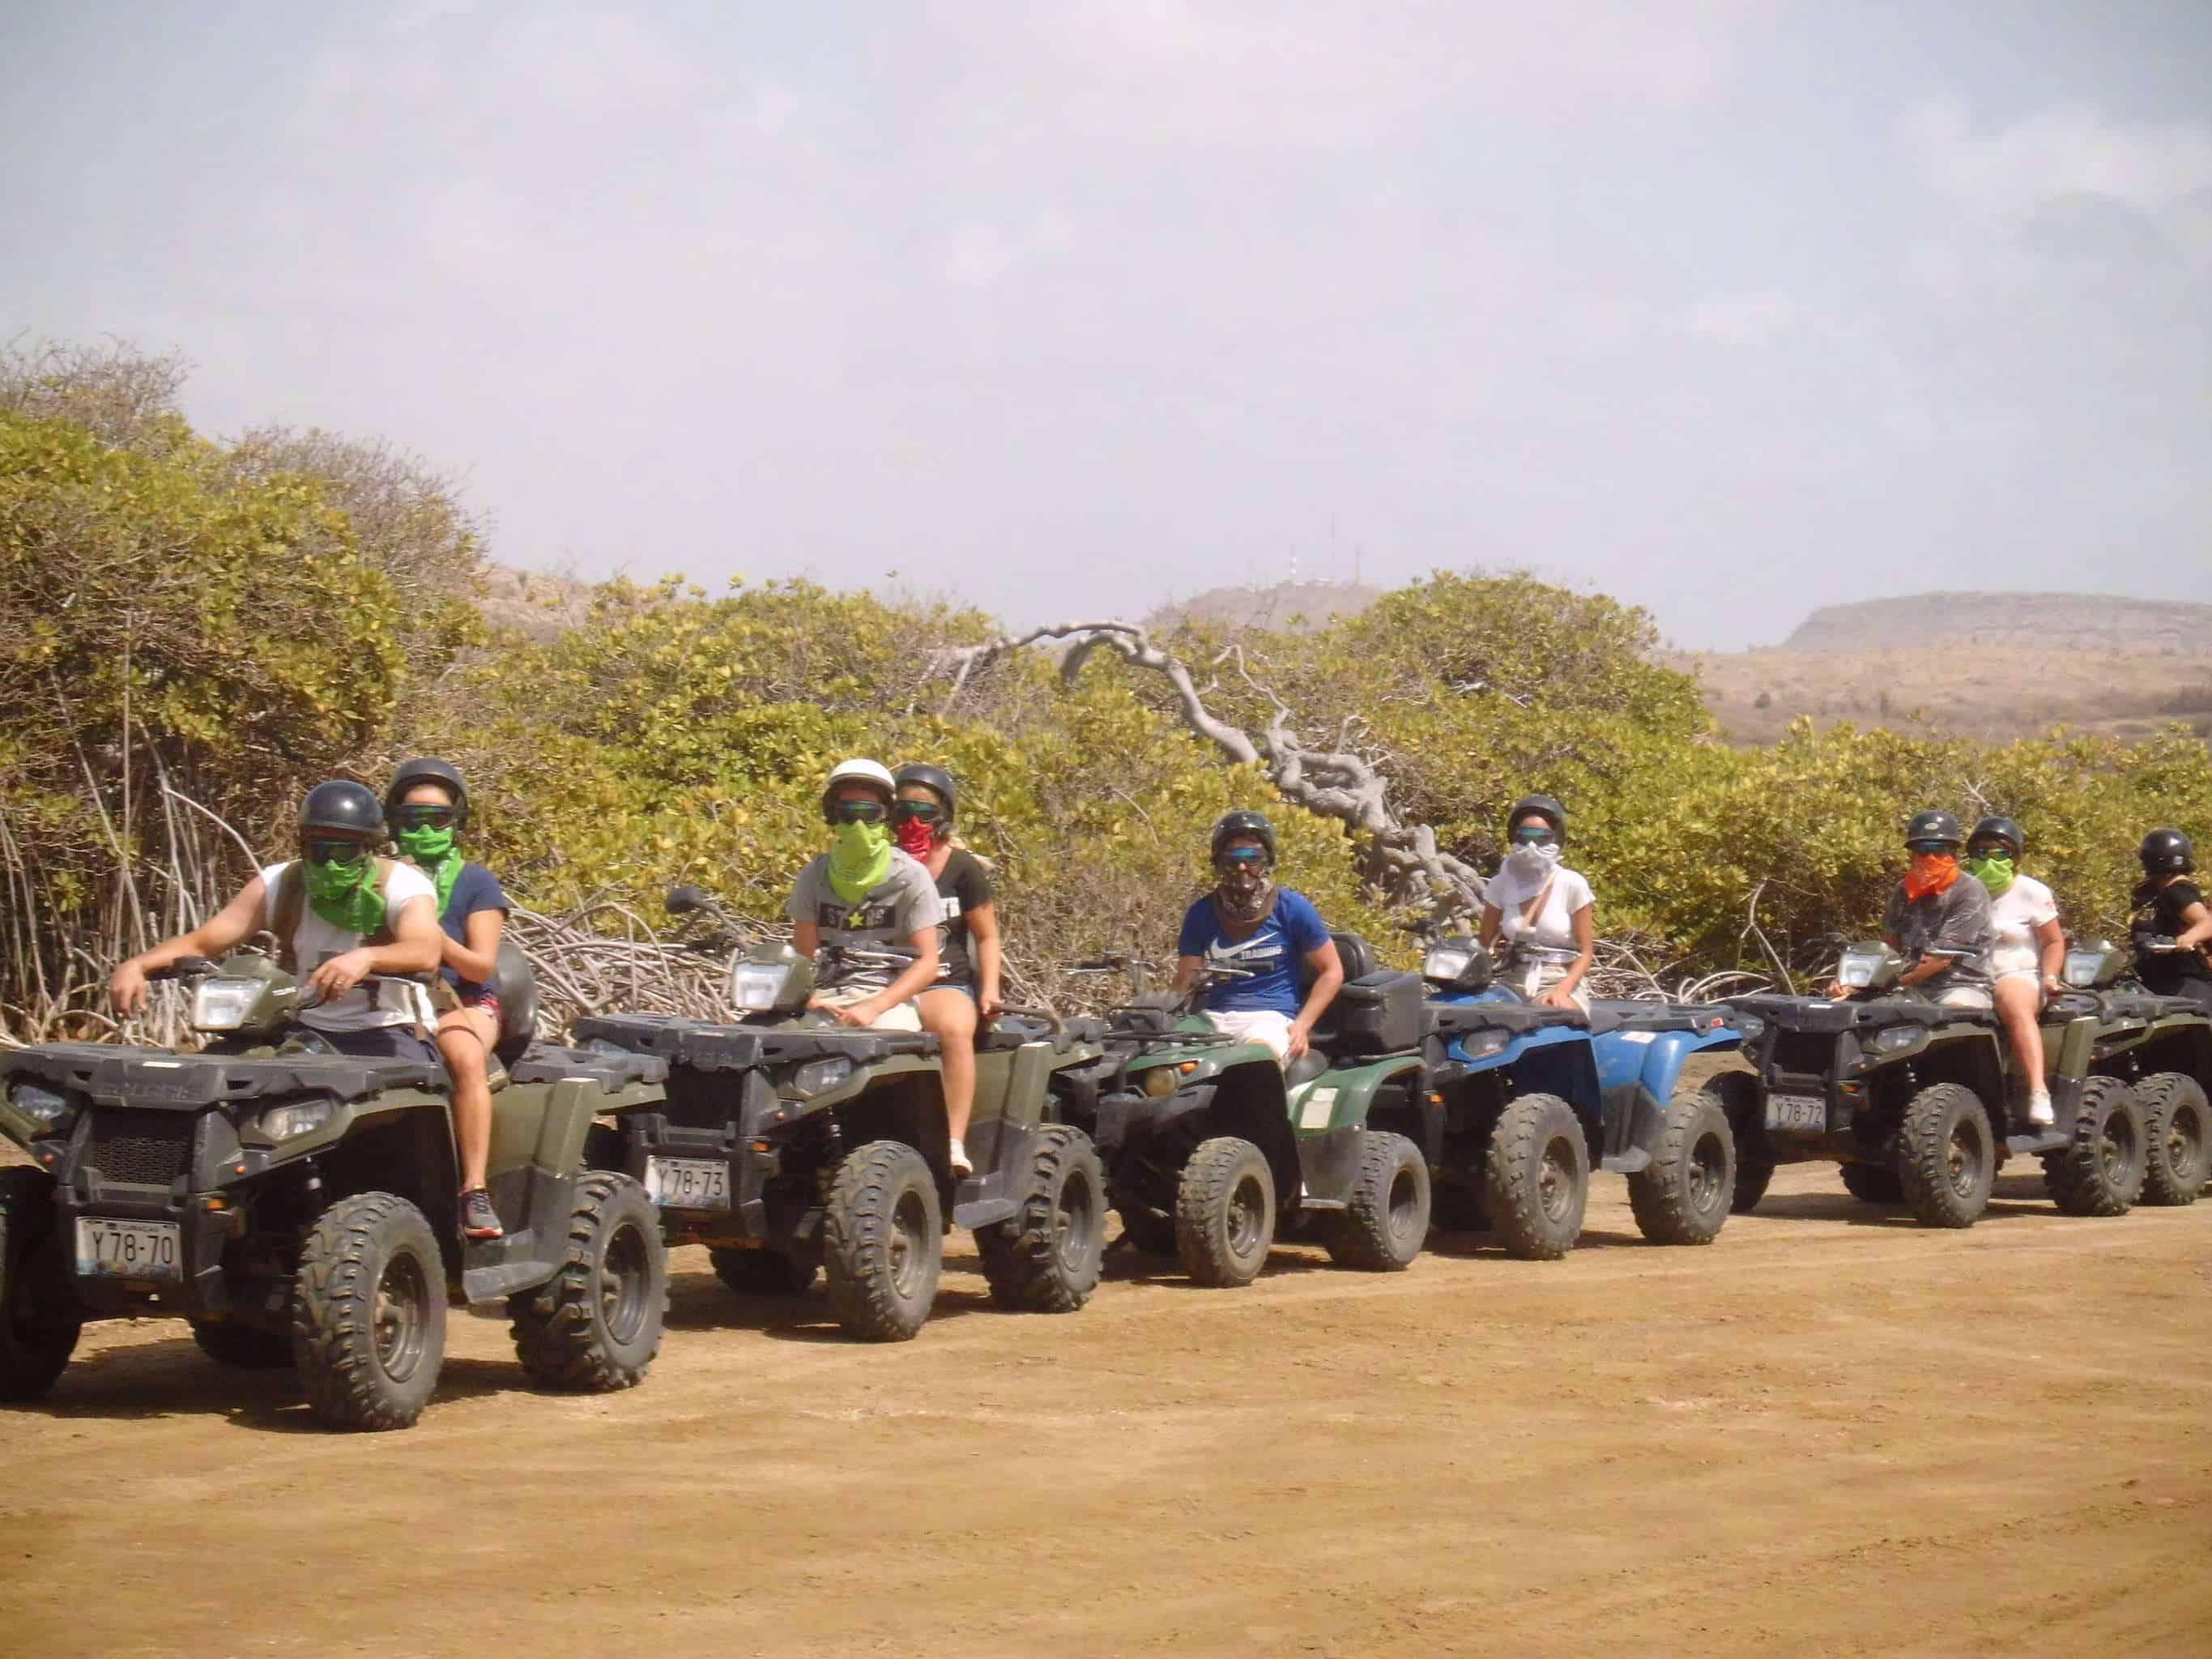 ATV Tours Quad Curacao 2